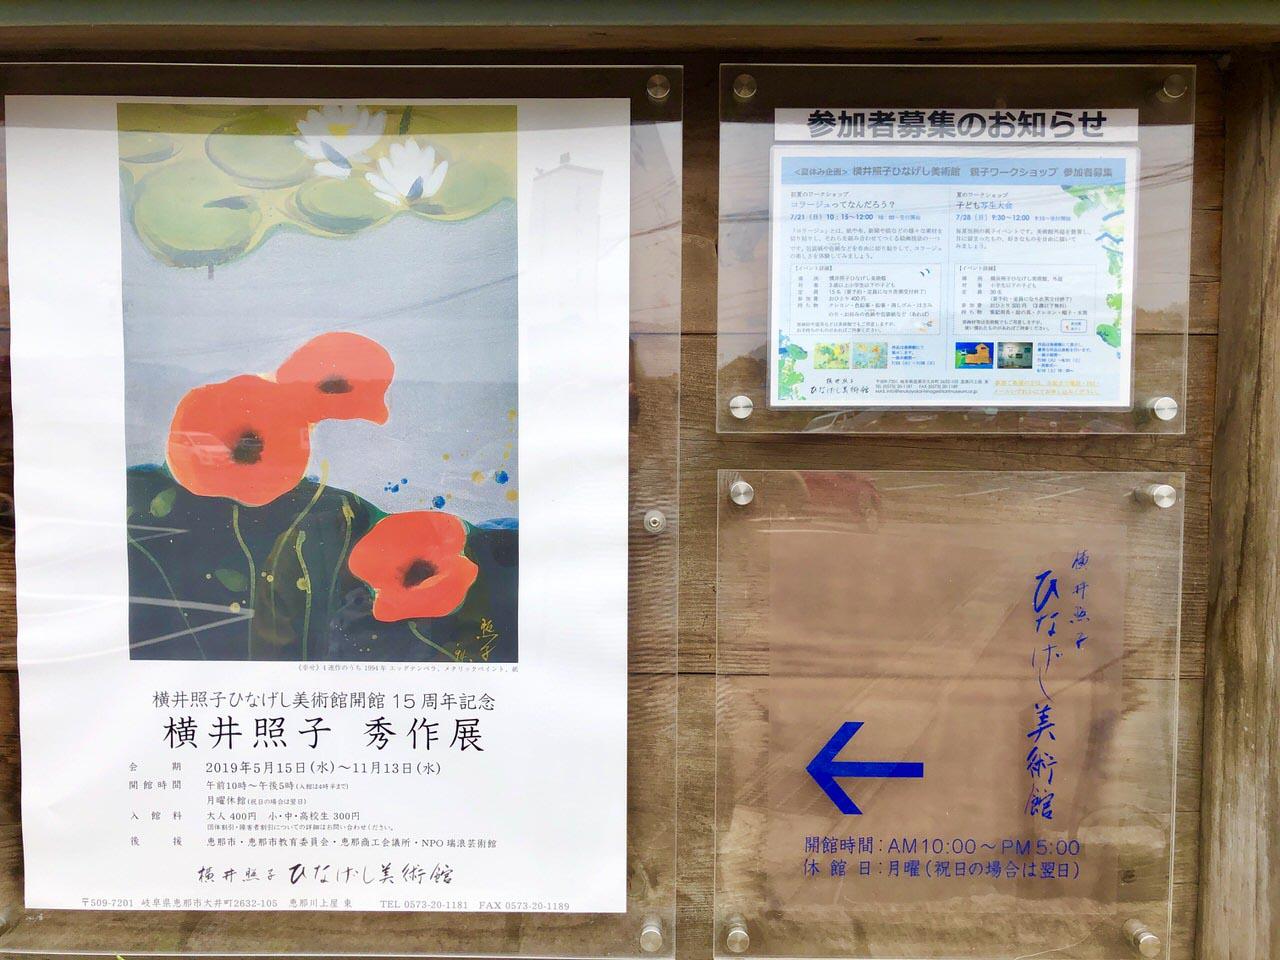 横井照子ひなげし美術館の看板